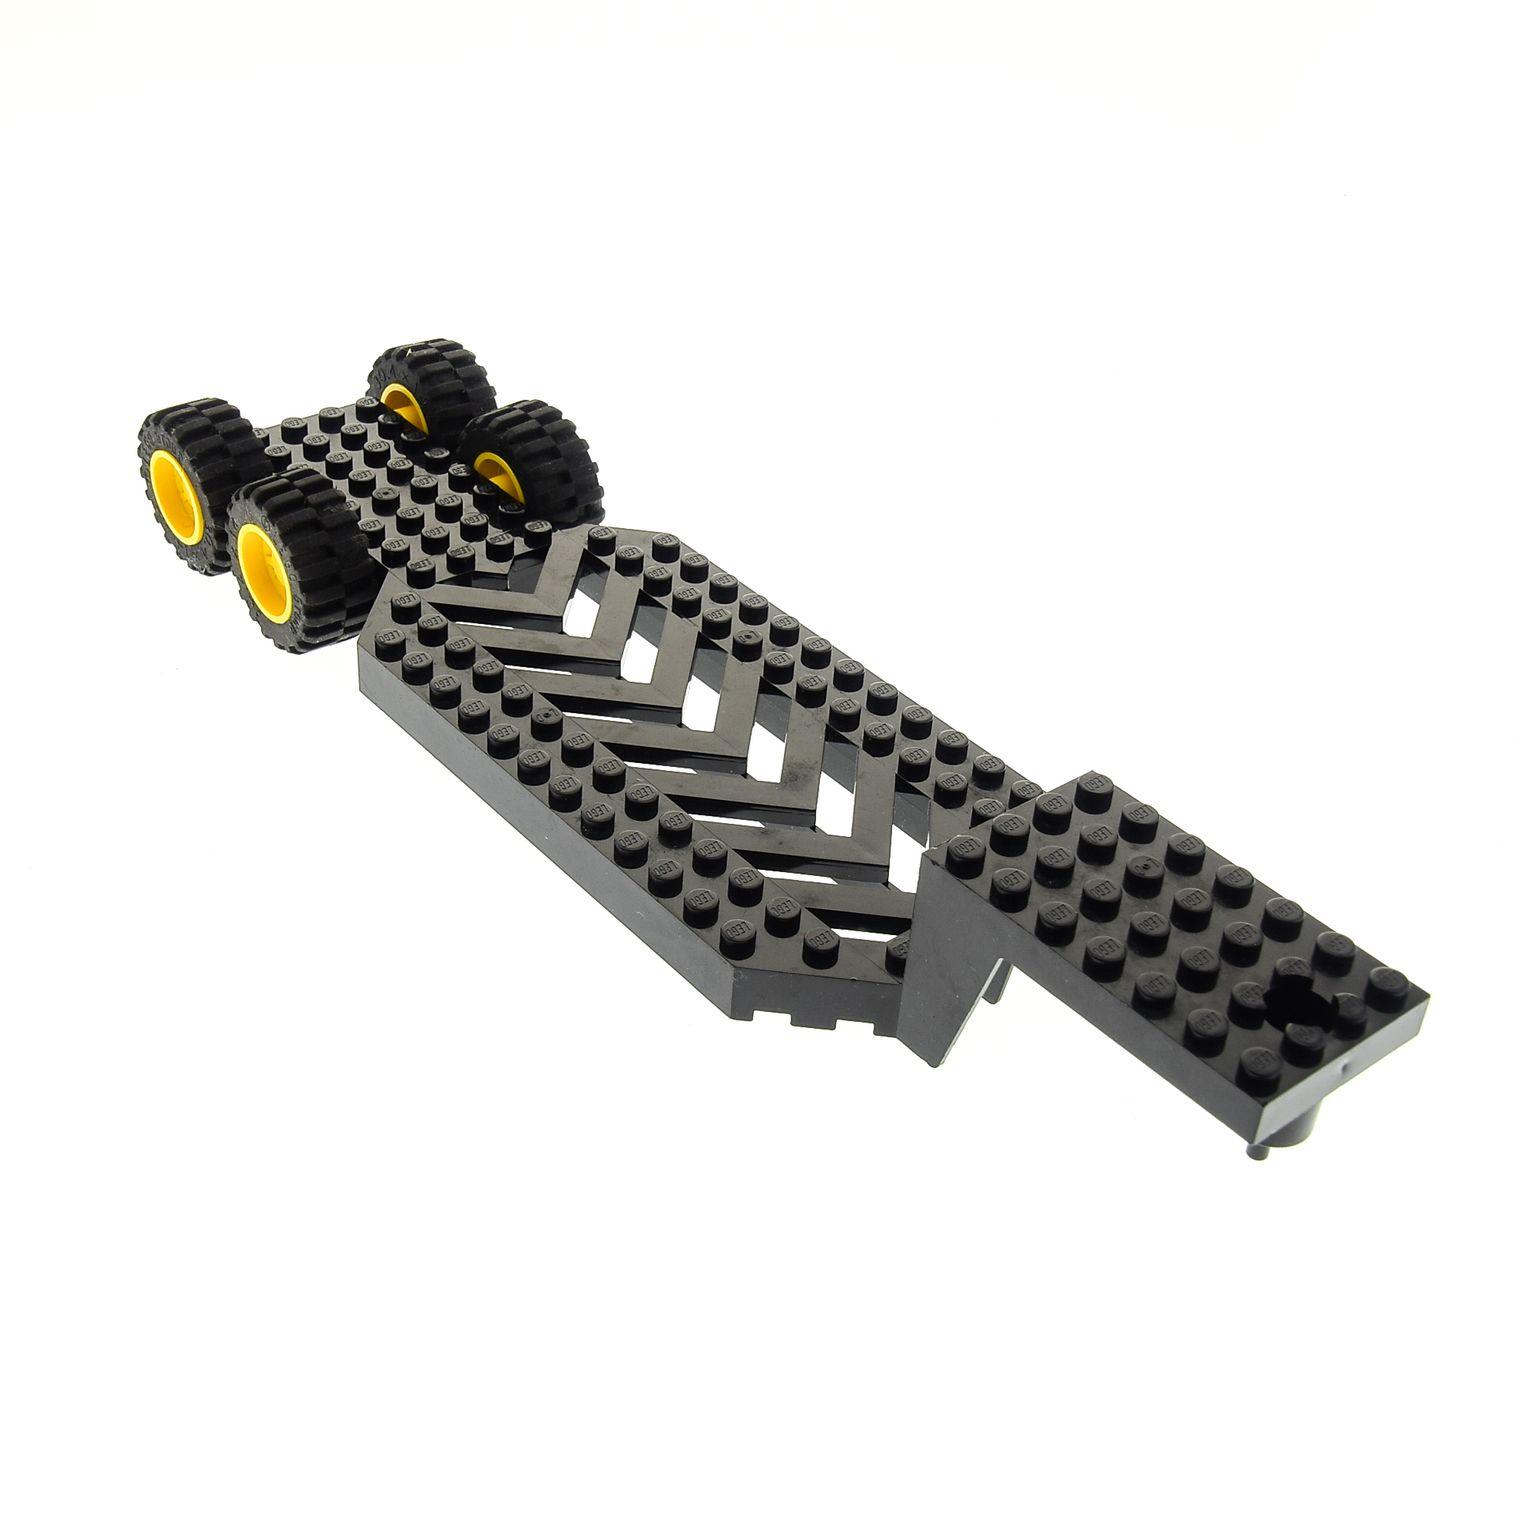 LEGO LKW Auflieger Chassis schwarz Trailer Base Tieflader 8x30x3 1//3 30620